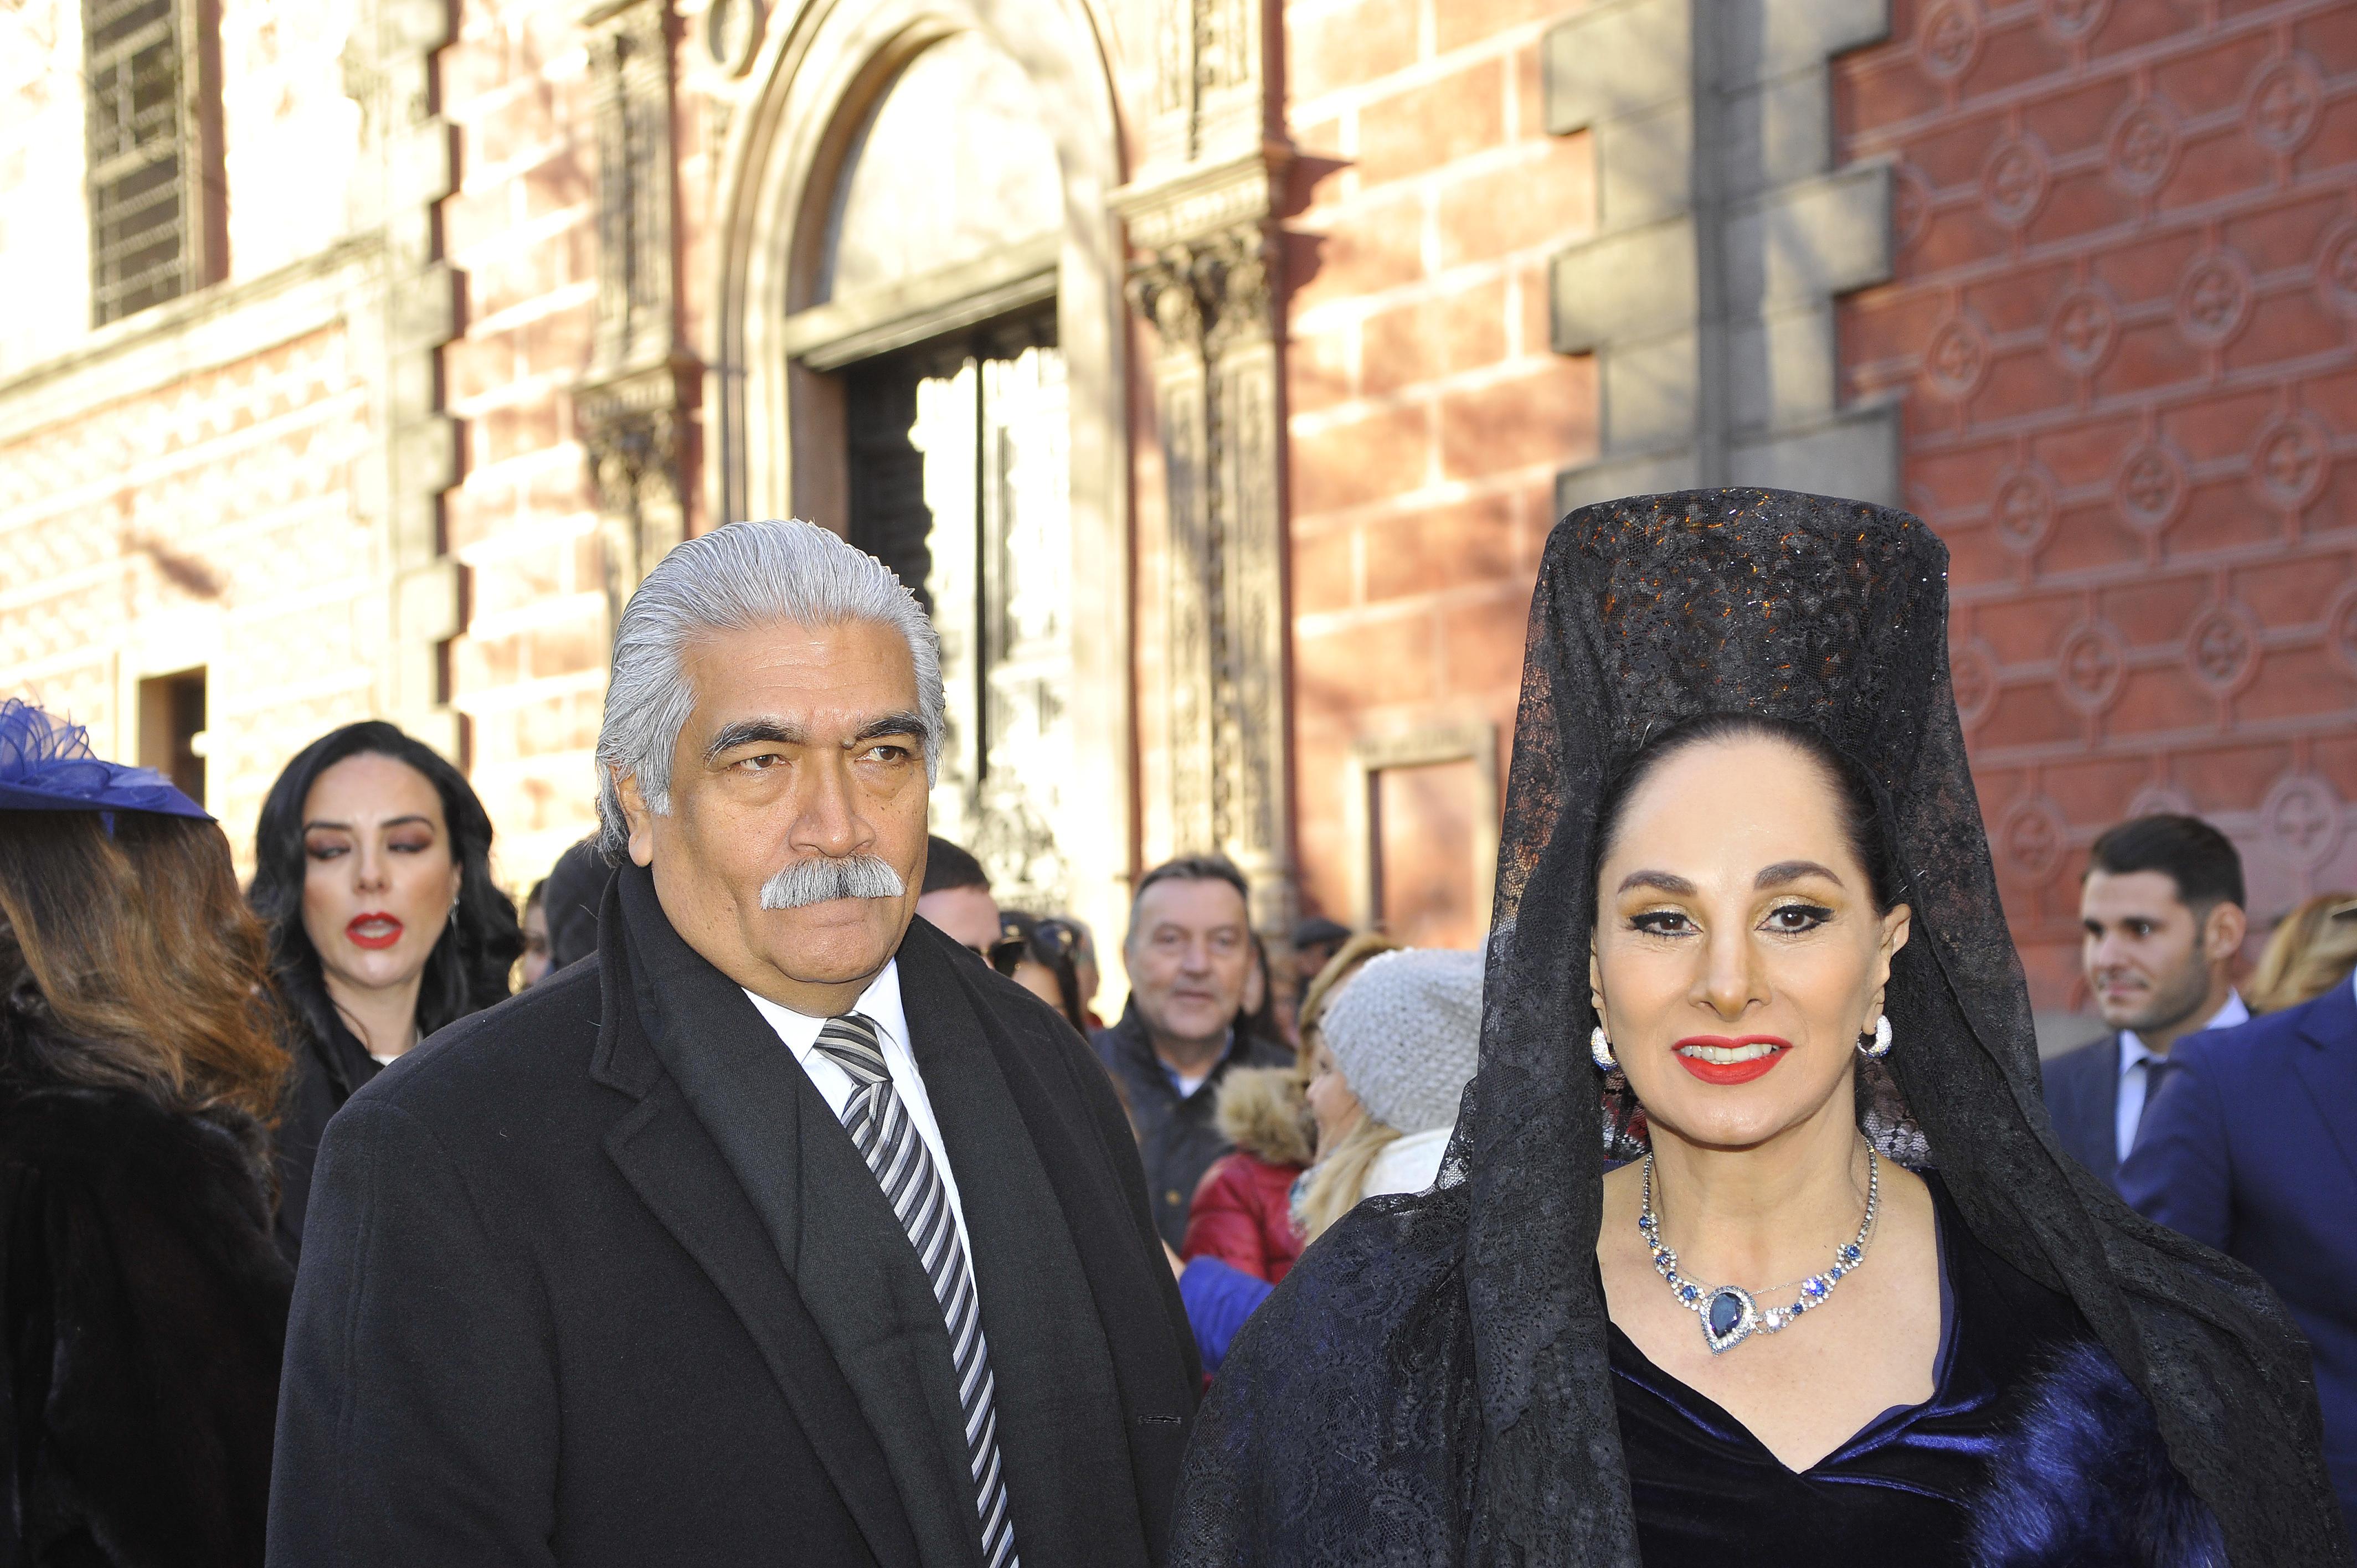 Carlos Vasallo y Susana Dosamantes